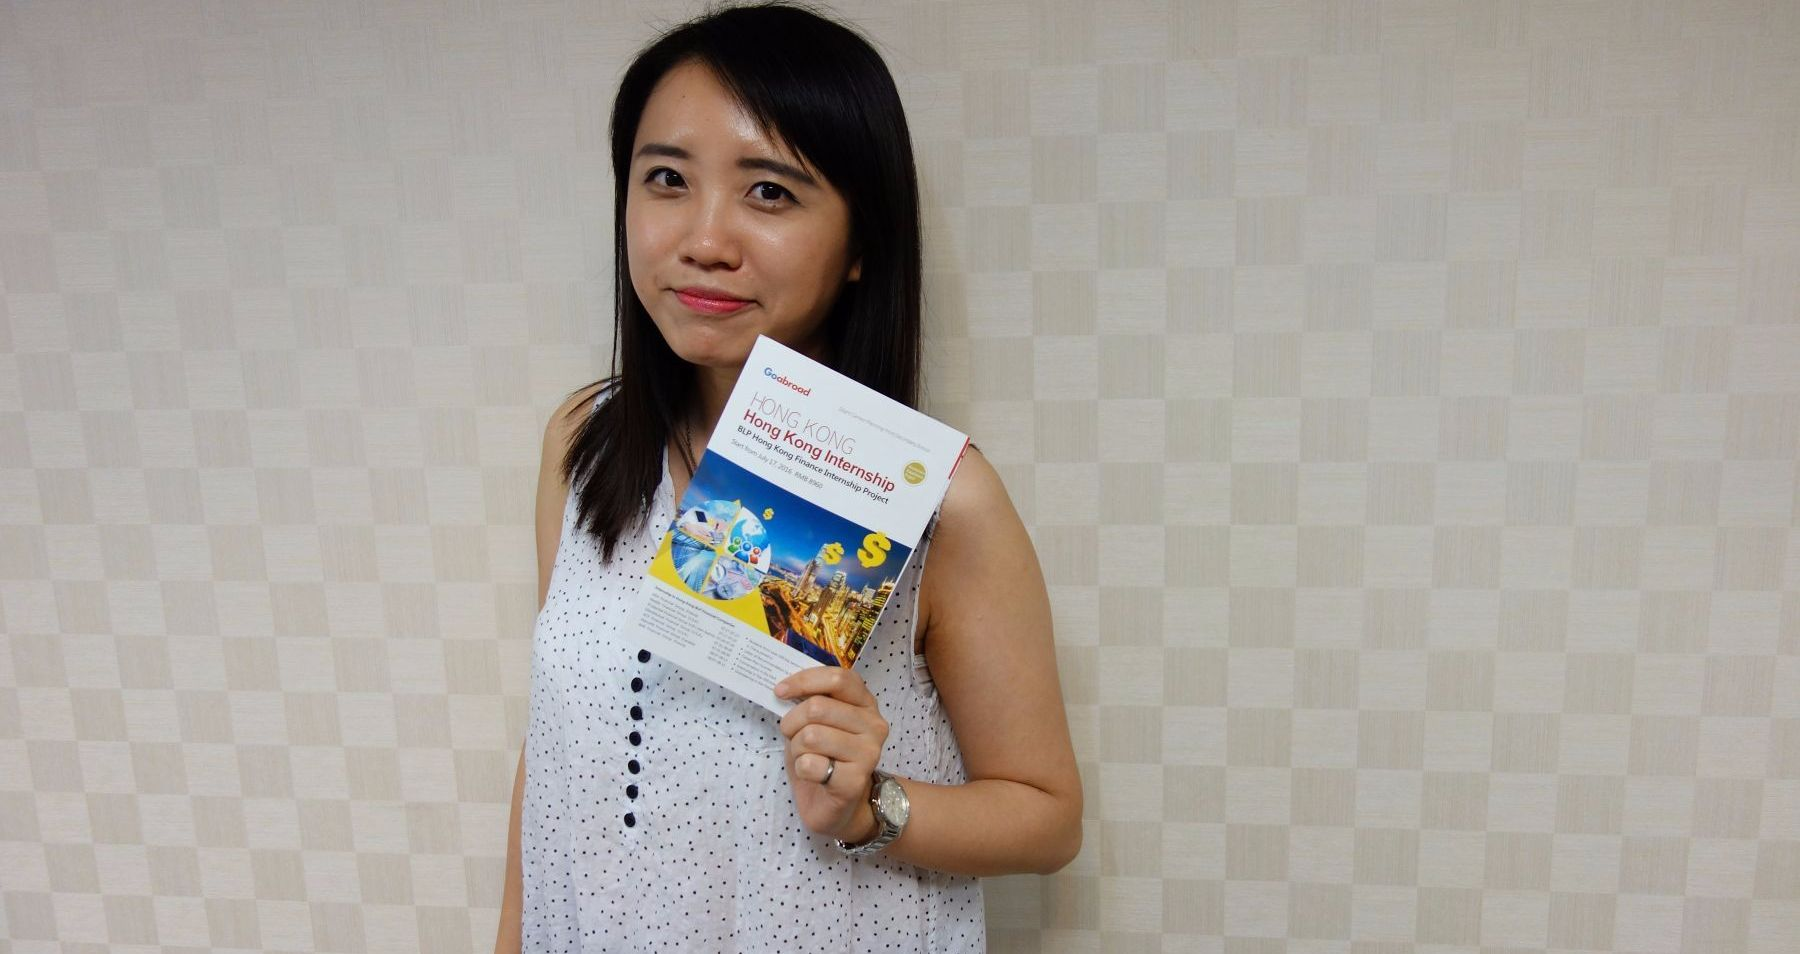 曾因英語不好被笑 現在她為高中生媒合海外實習機會